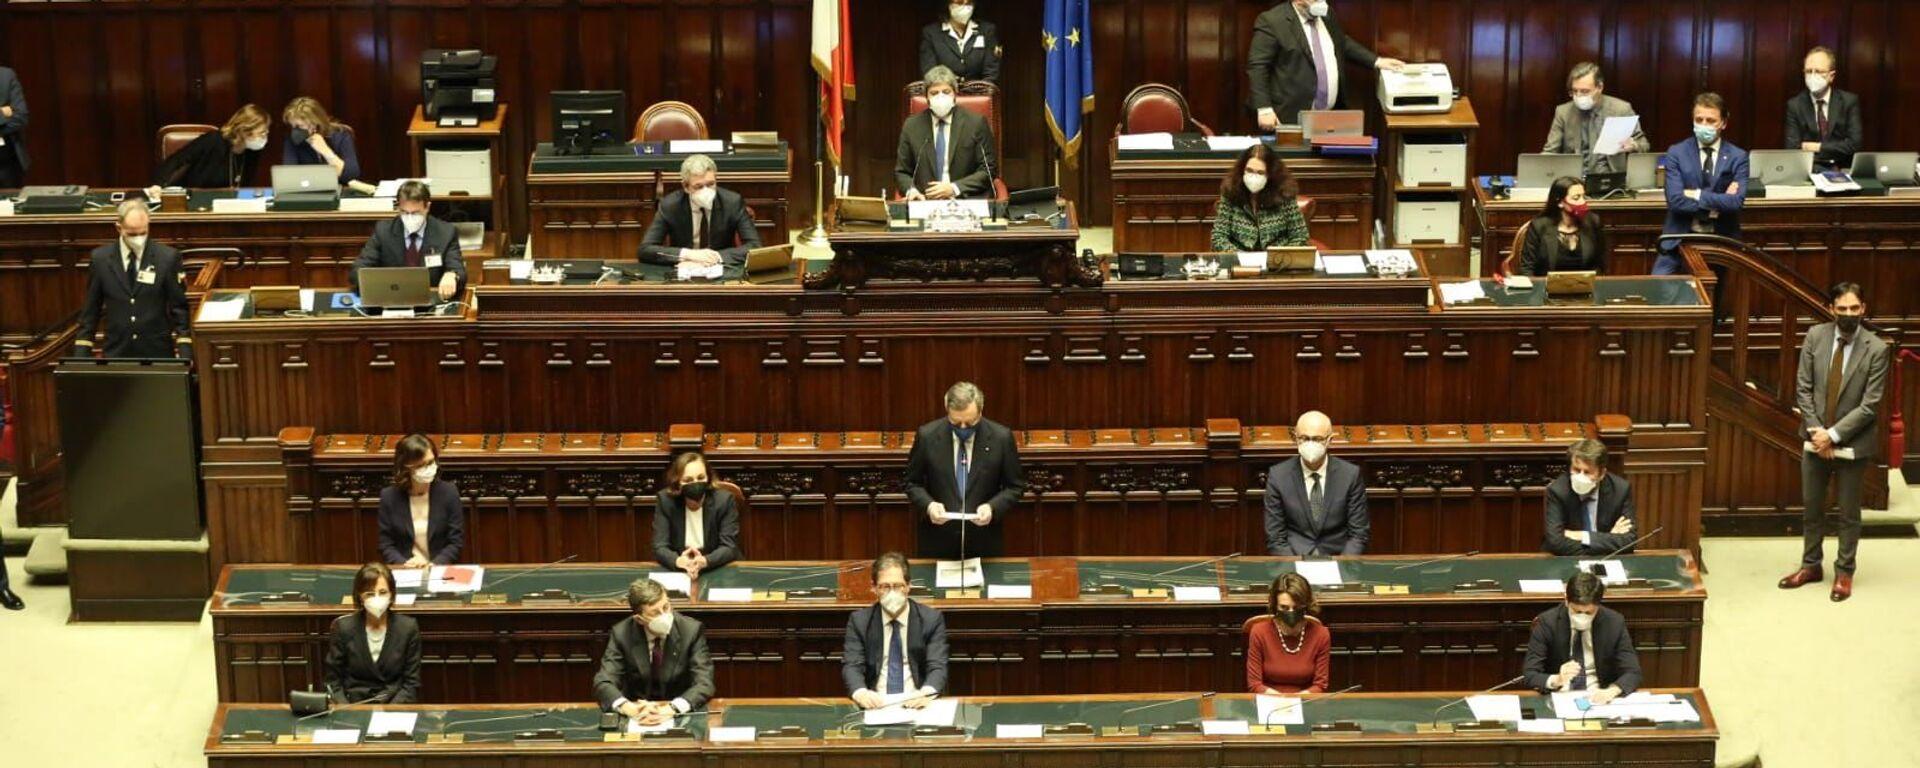 Presidente Mario Draghi durante il voto alla fiducia alla Camera dei Deputati - Sputnik Italia, 1920, 19.02.2021